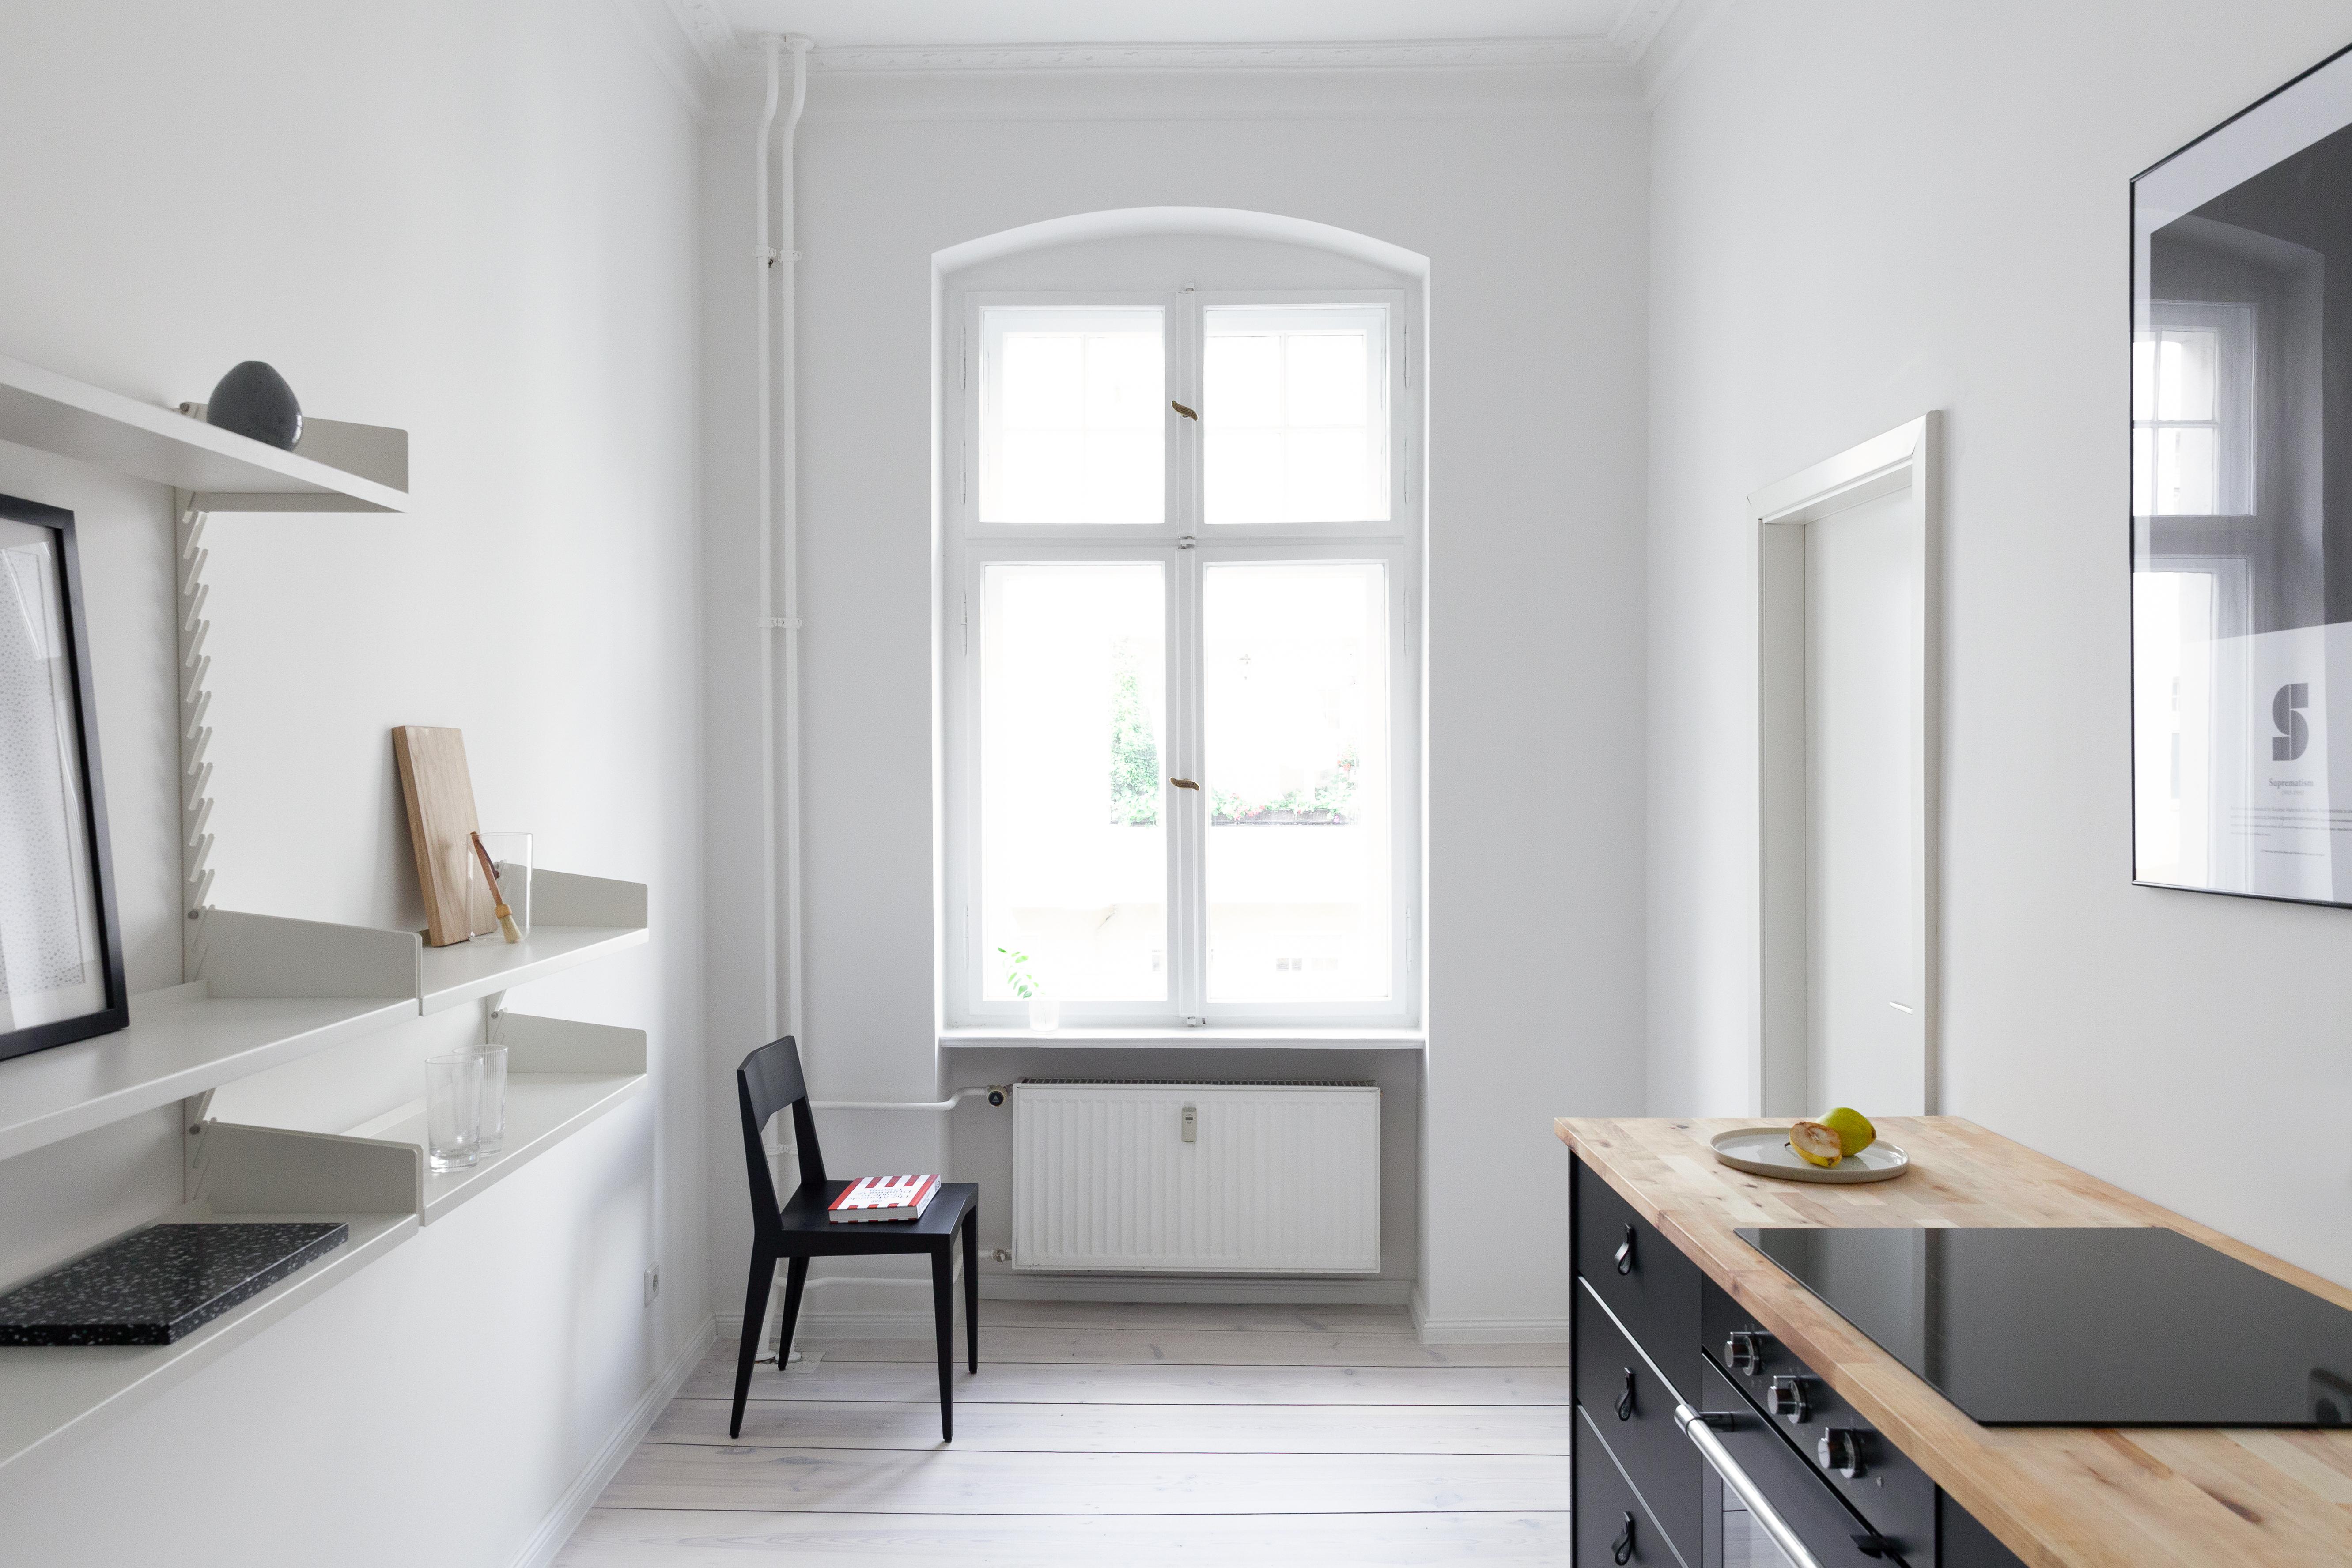 Die Küche ist mit dem Even Better Shelf Set 2 + Set 1 Extension für ultimative Aufbewahrung ausgestattet - Fantastic Frank Furnished Apartment.